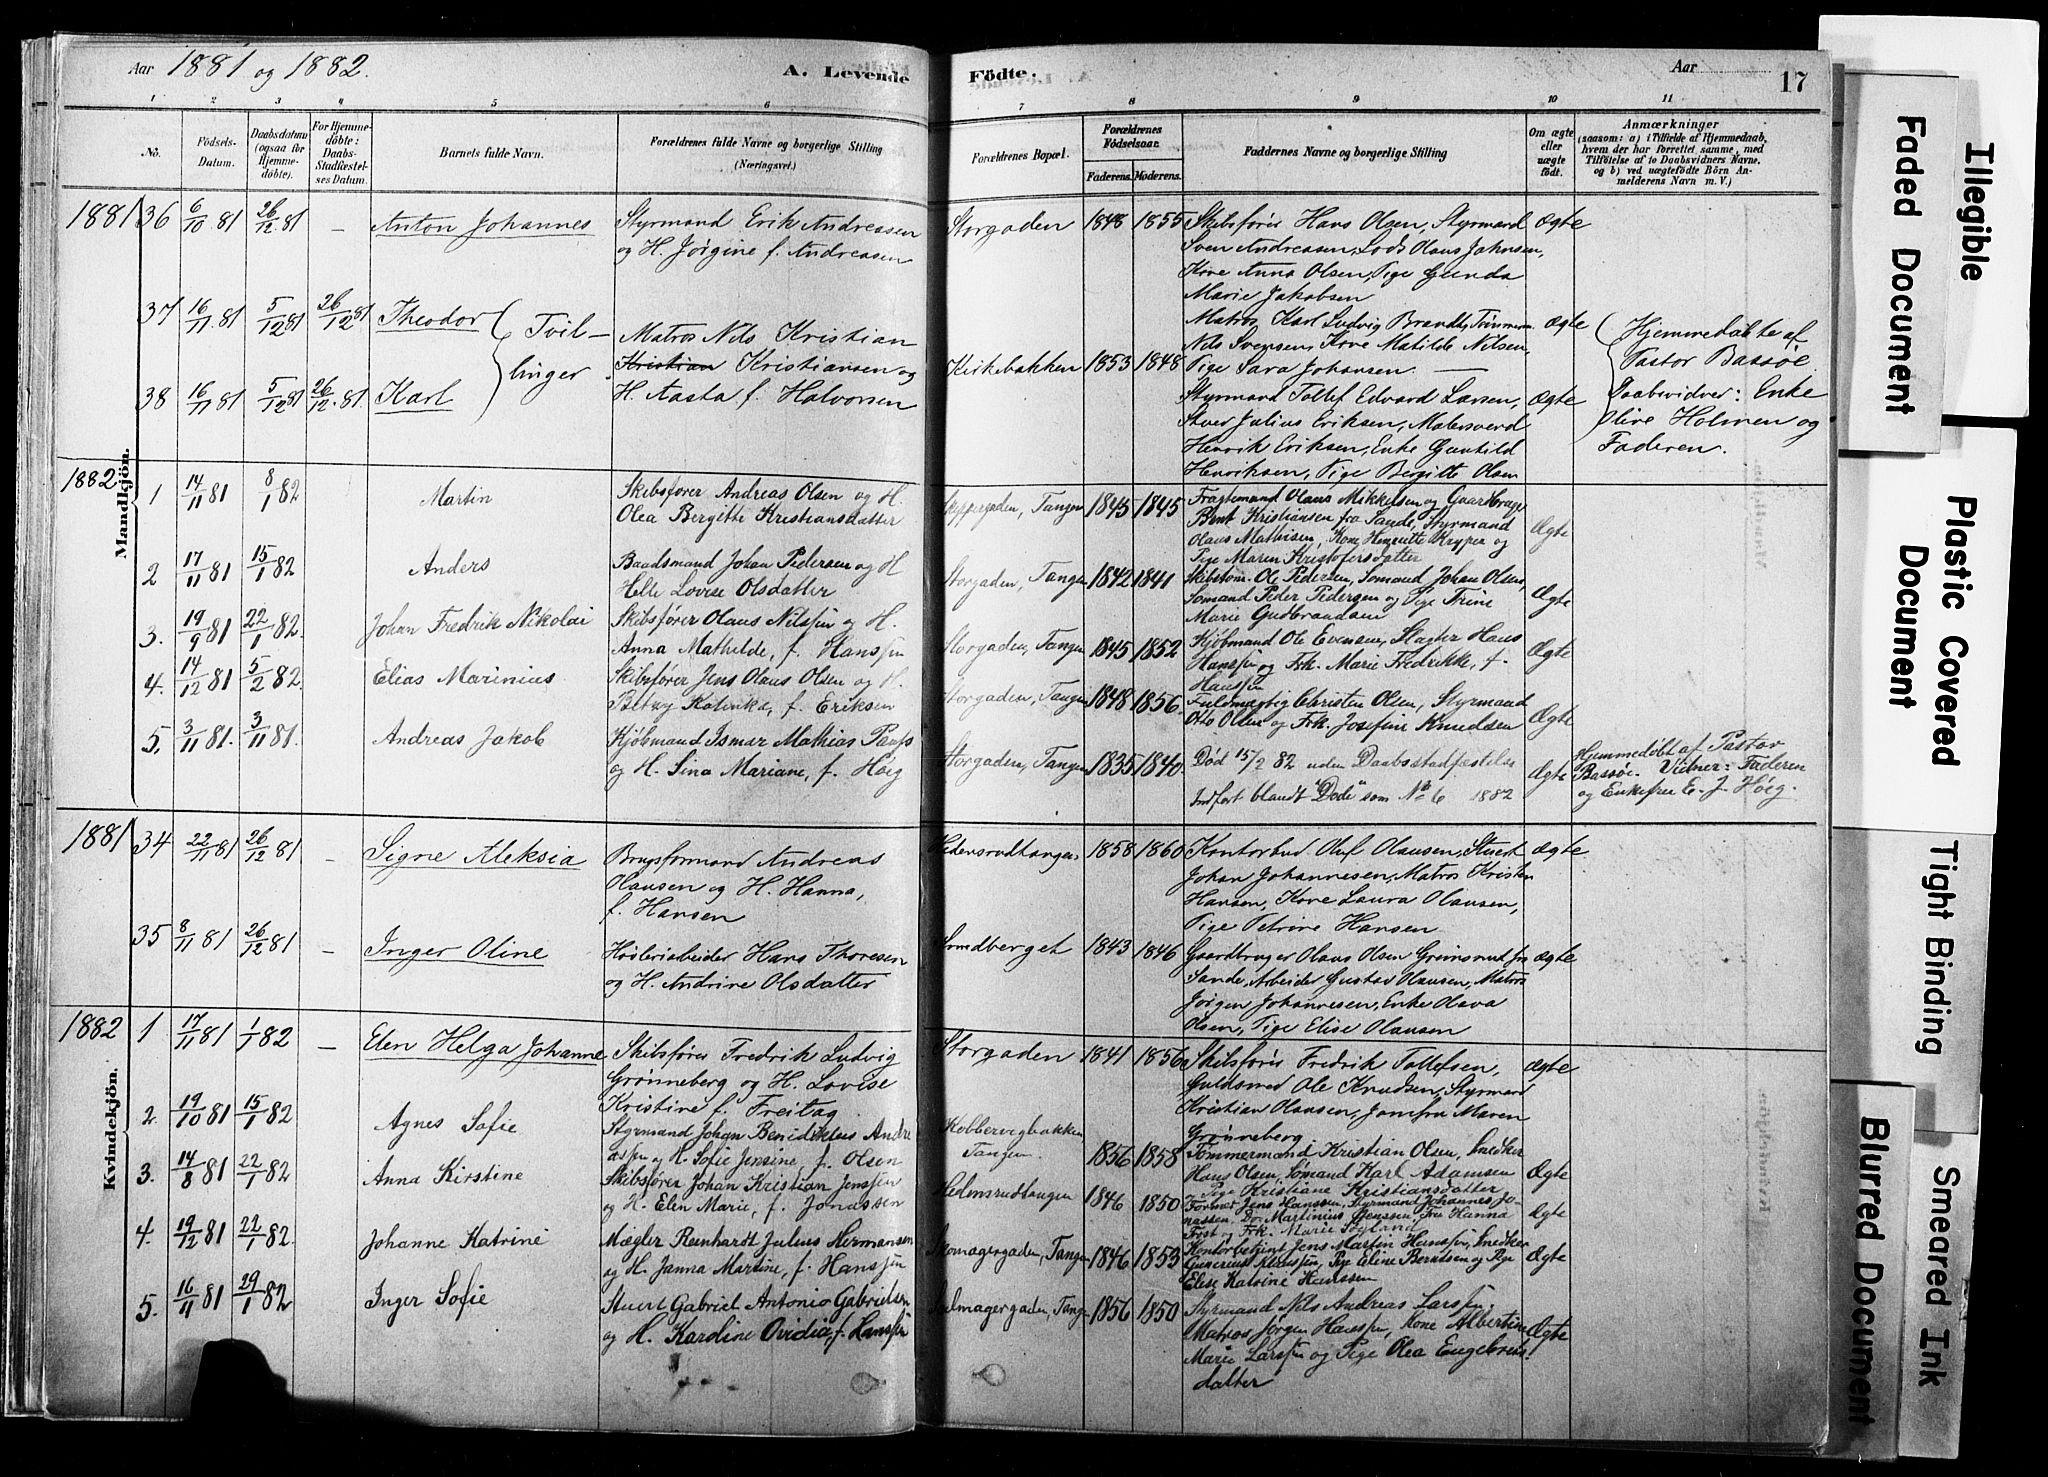 SAKO, Strømsø kirkebøker, F/Fb/L0006: Ministerialbok nr. II 6, 1879-1910, s. 17